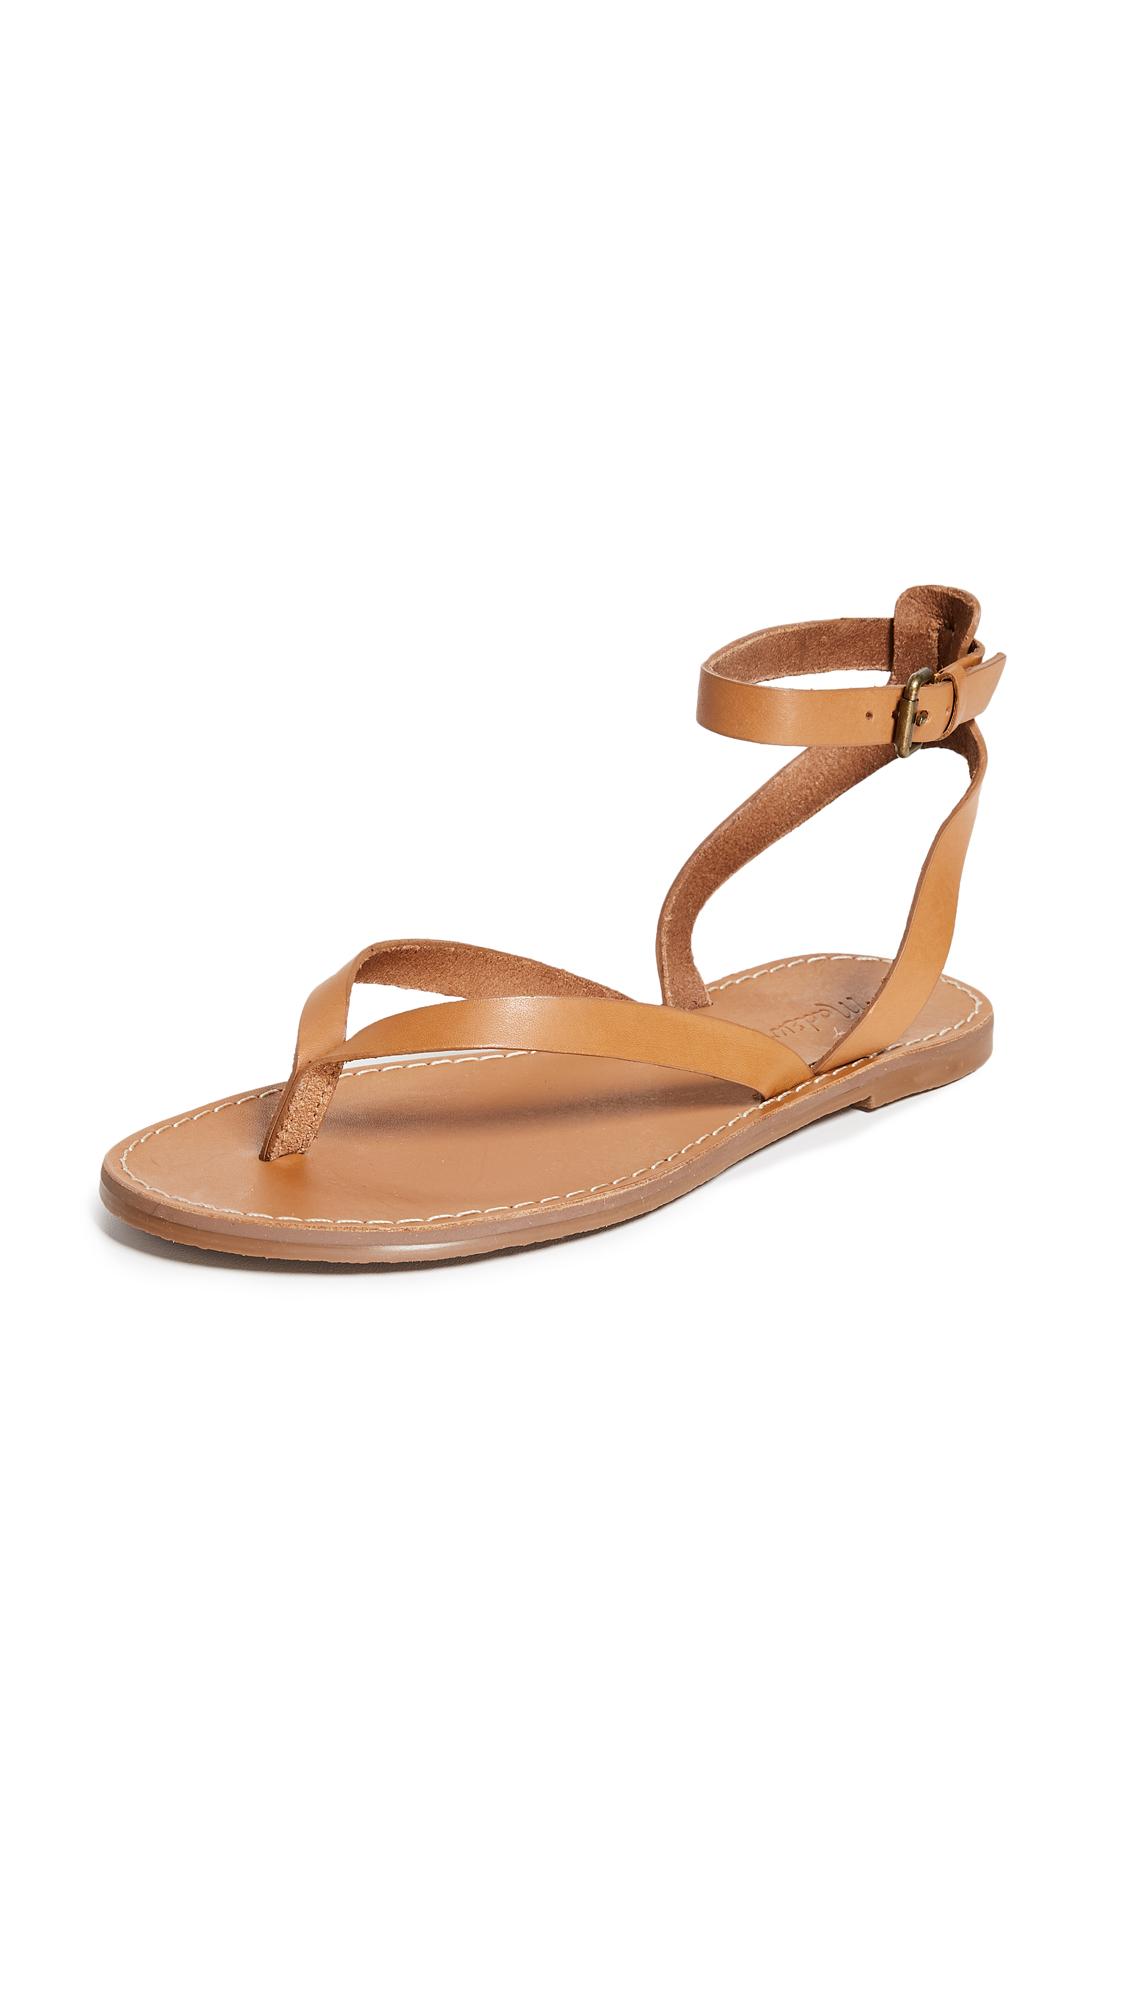 Madewell The Boardwalk Thong Sandals - Desert Camel